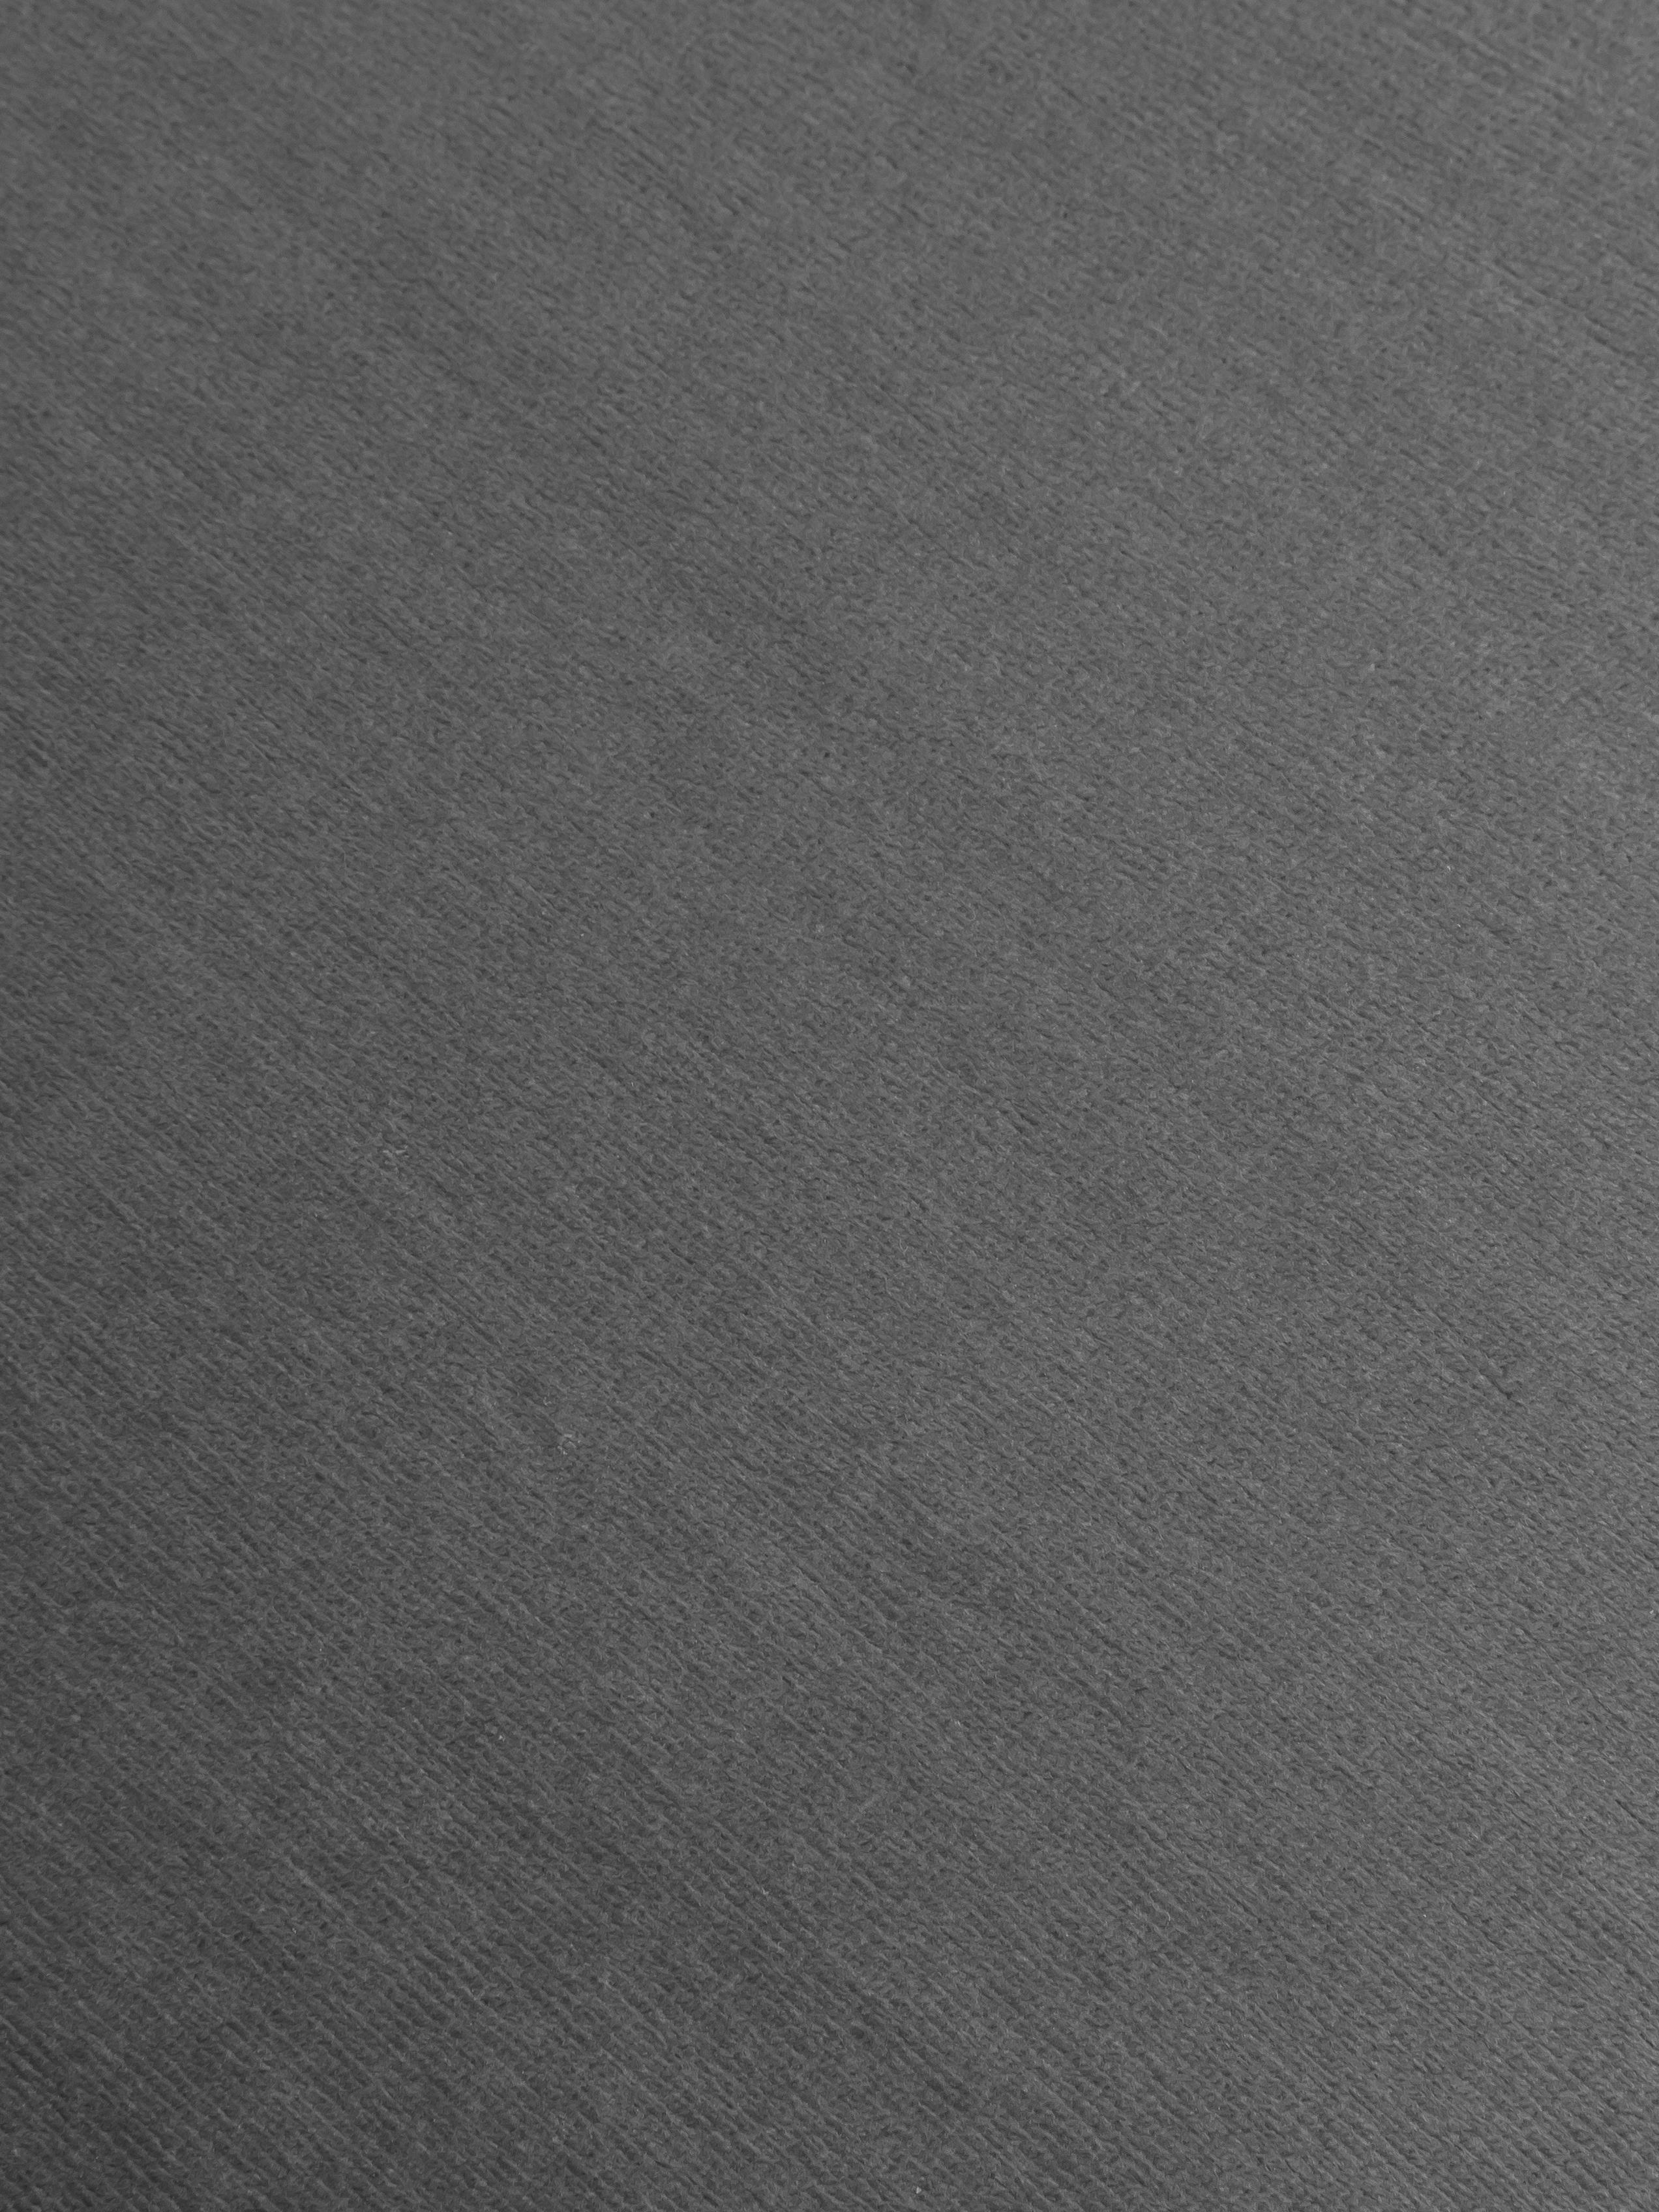 Samt-Armlehnstuhl Rachel, Bezug: Samt (Polyester) Der hoch, Beine: Metall, pulverbeschichtet, Samt Grau, B 47 x T 64 cm